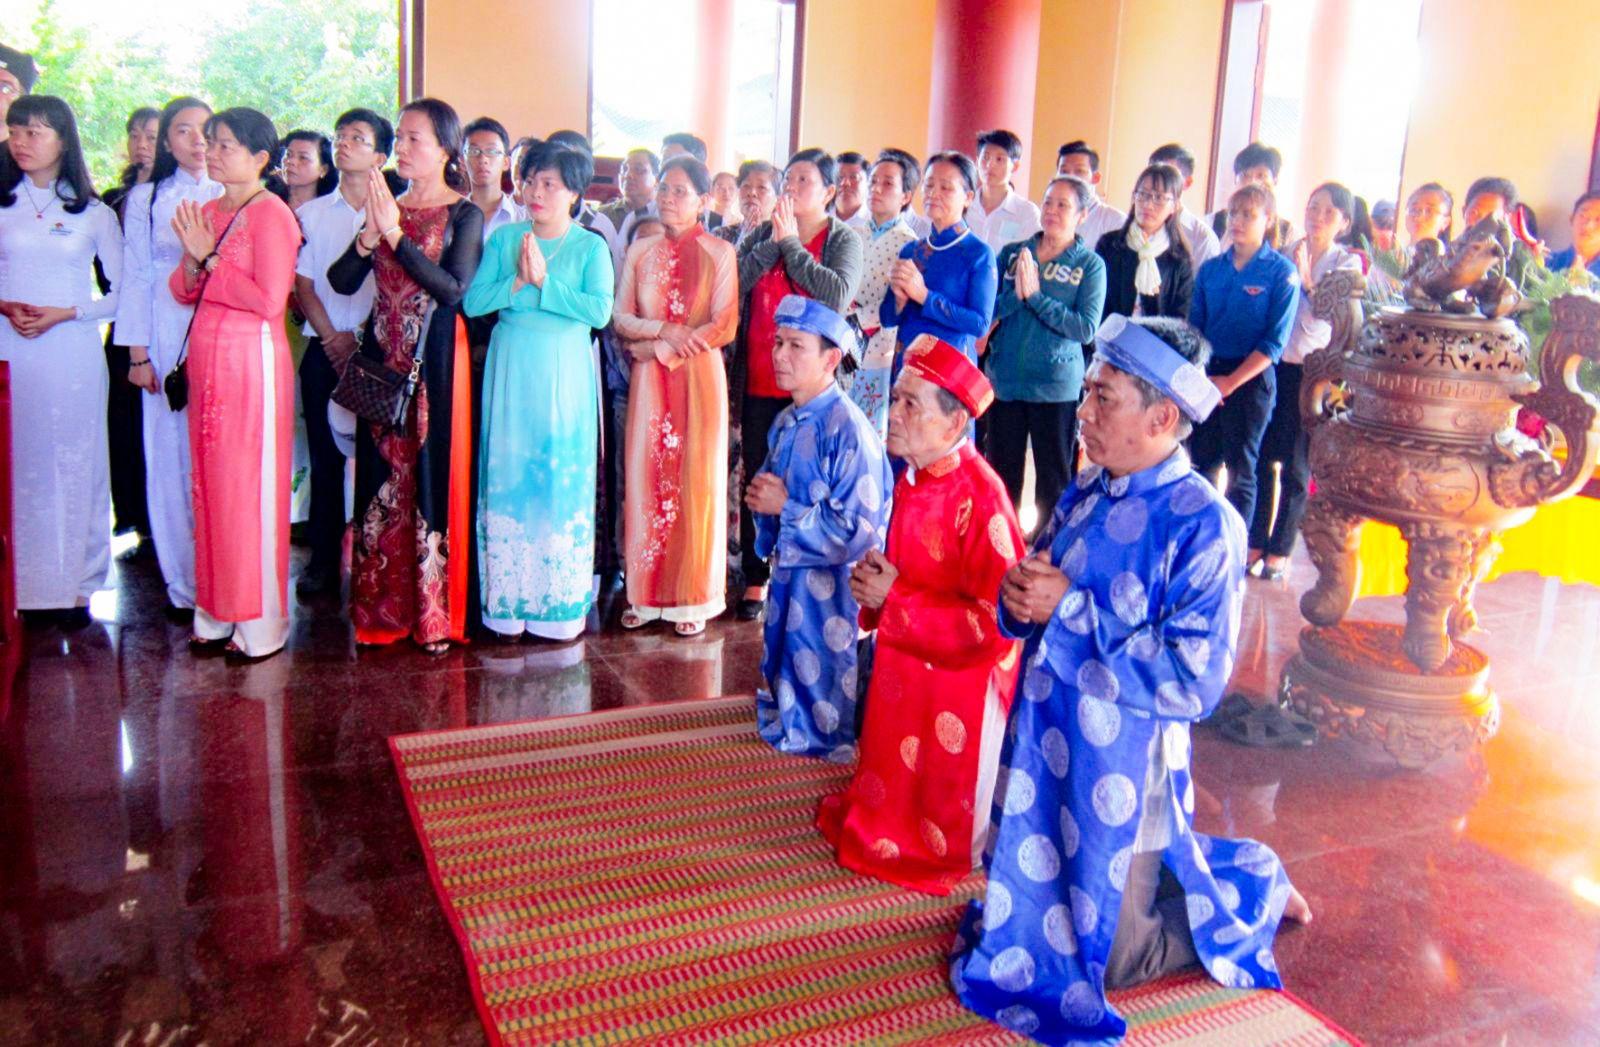 Tiếp tục duy trì, phát huy truyền thống,  nếp văn minh tại lễ giỗ lần thứ 146  của Thủ khoa Bùi Hữu Nghĩa